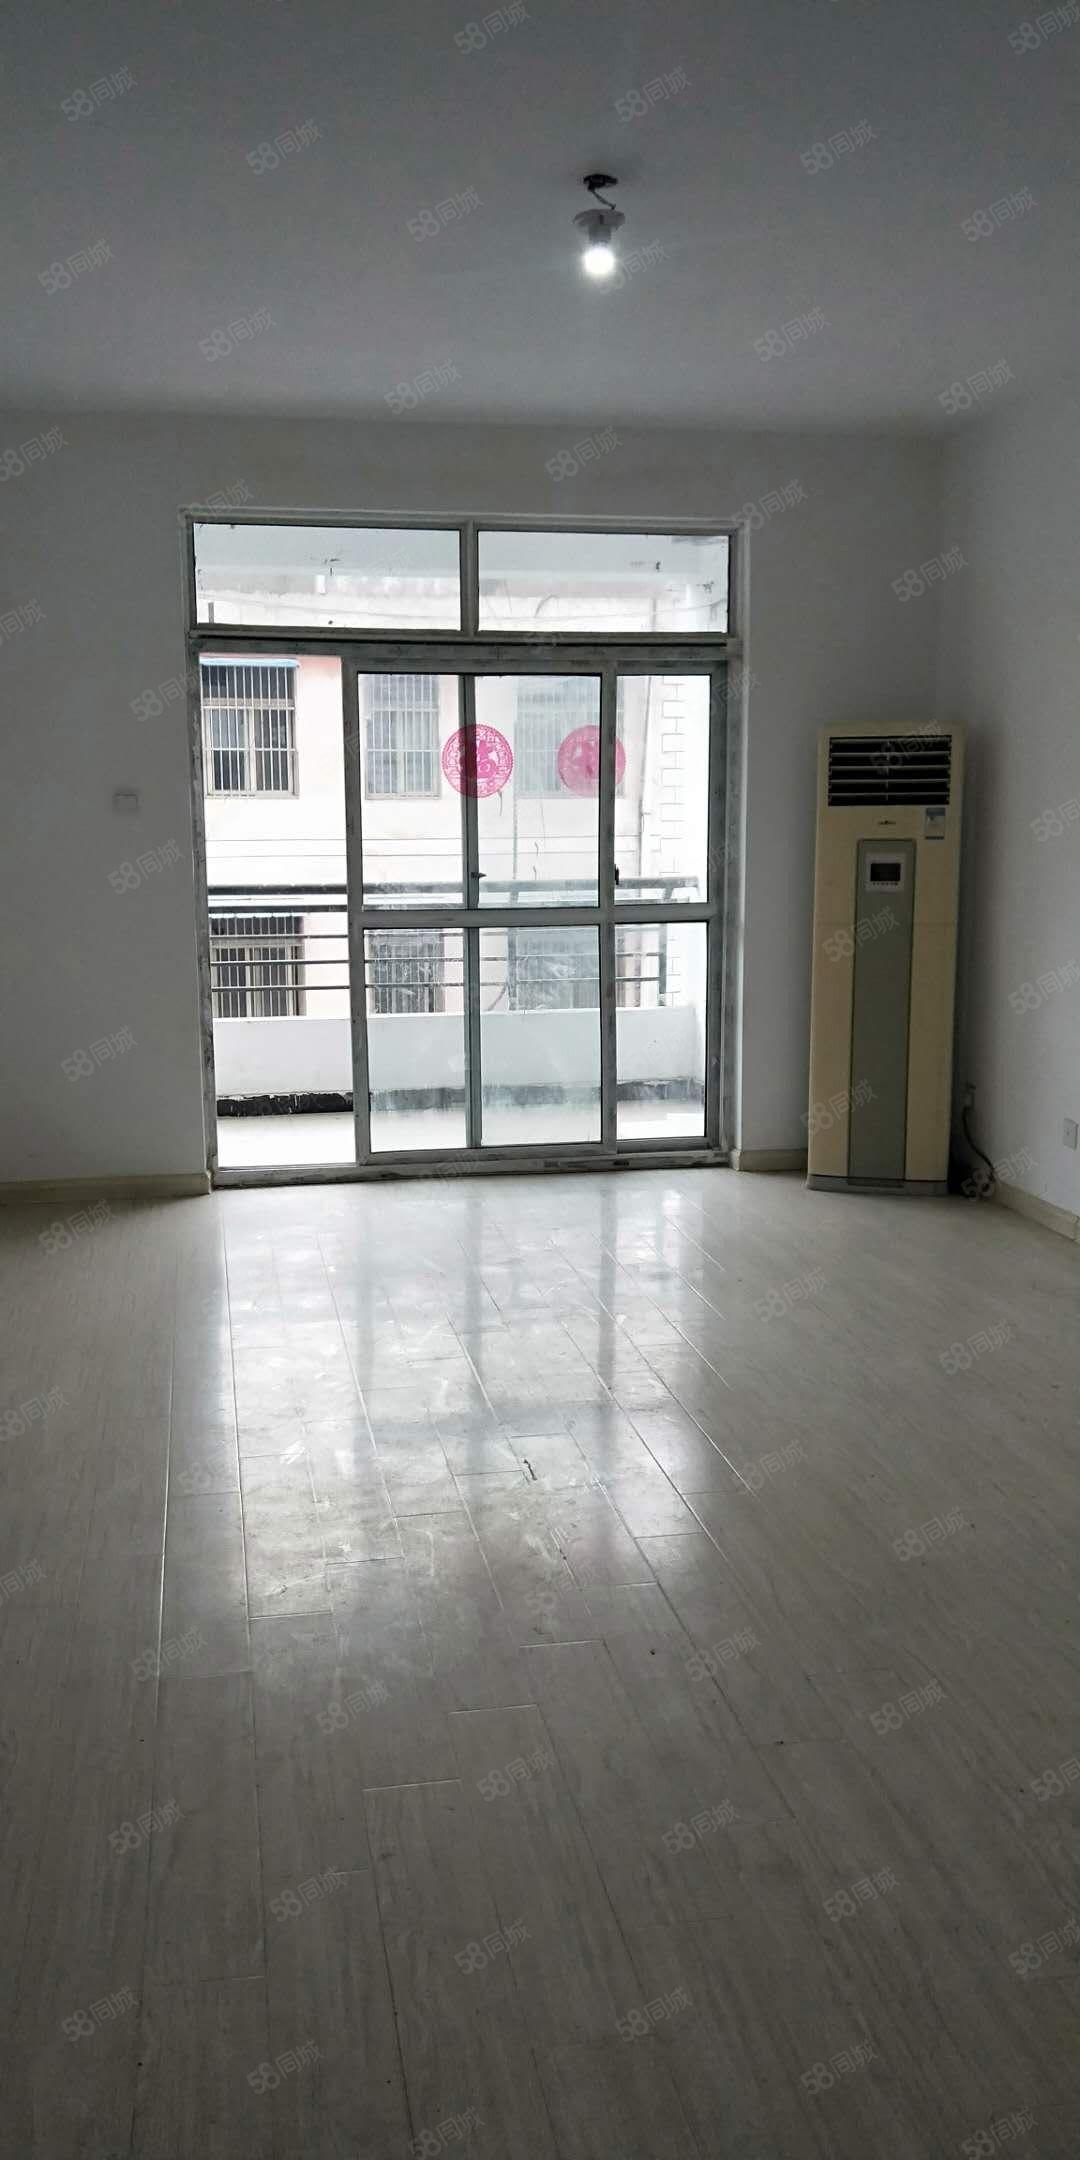 急租香樟公寓130平简单装修随时入住